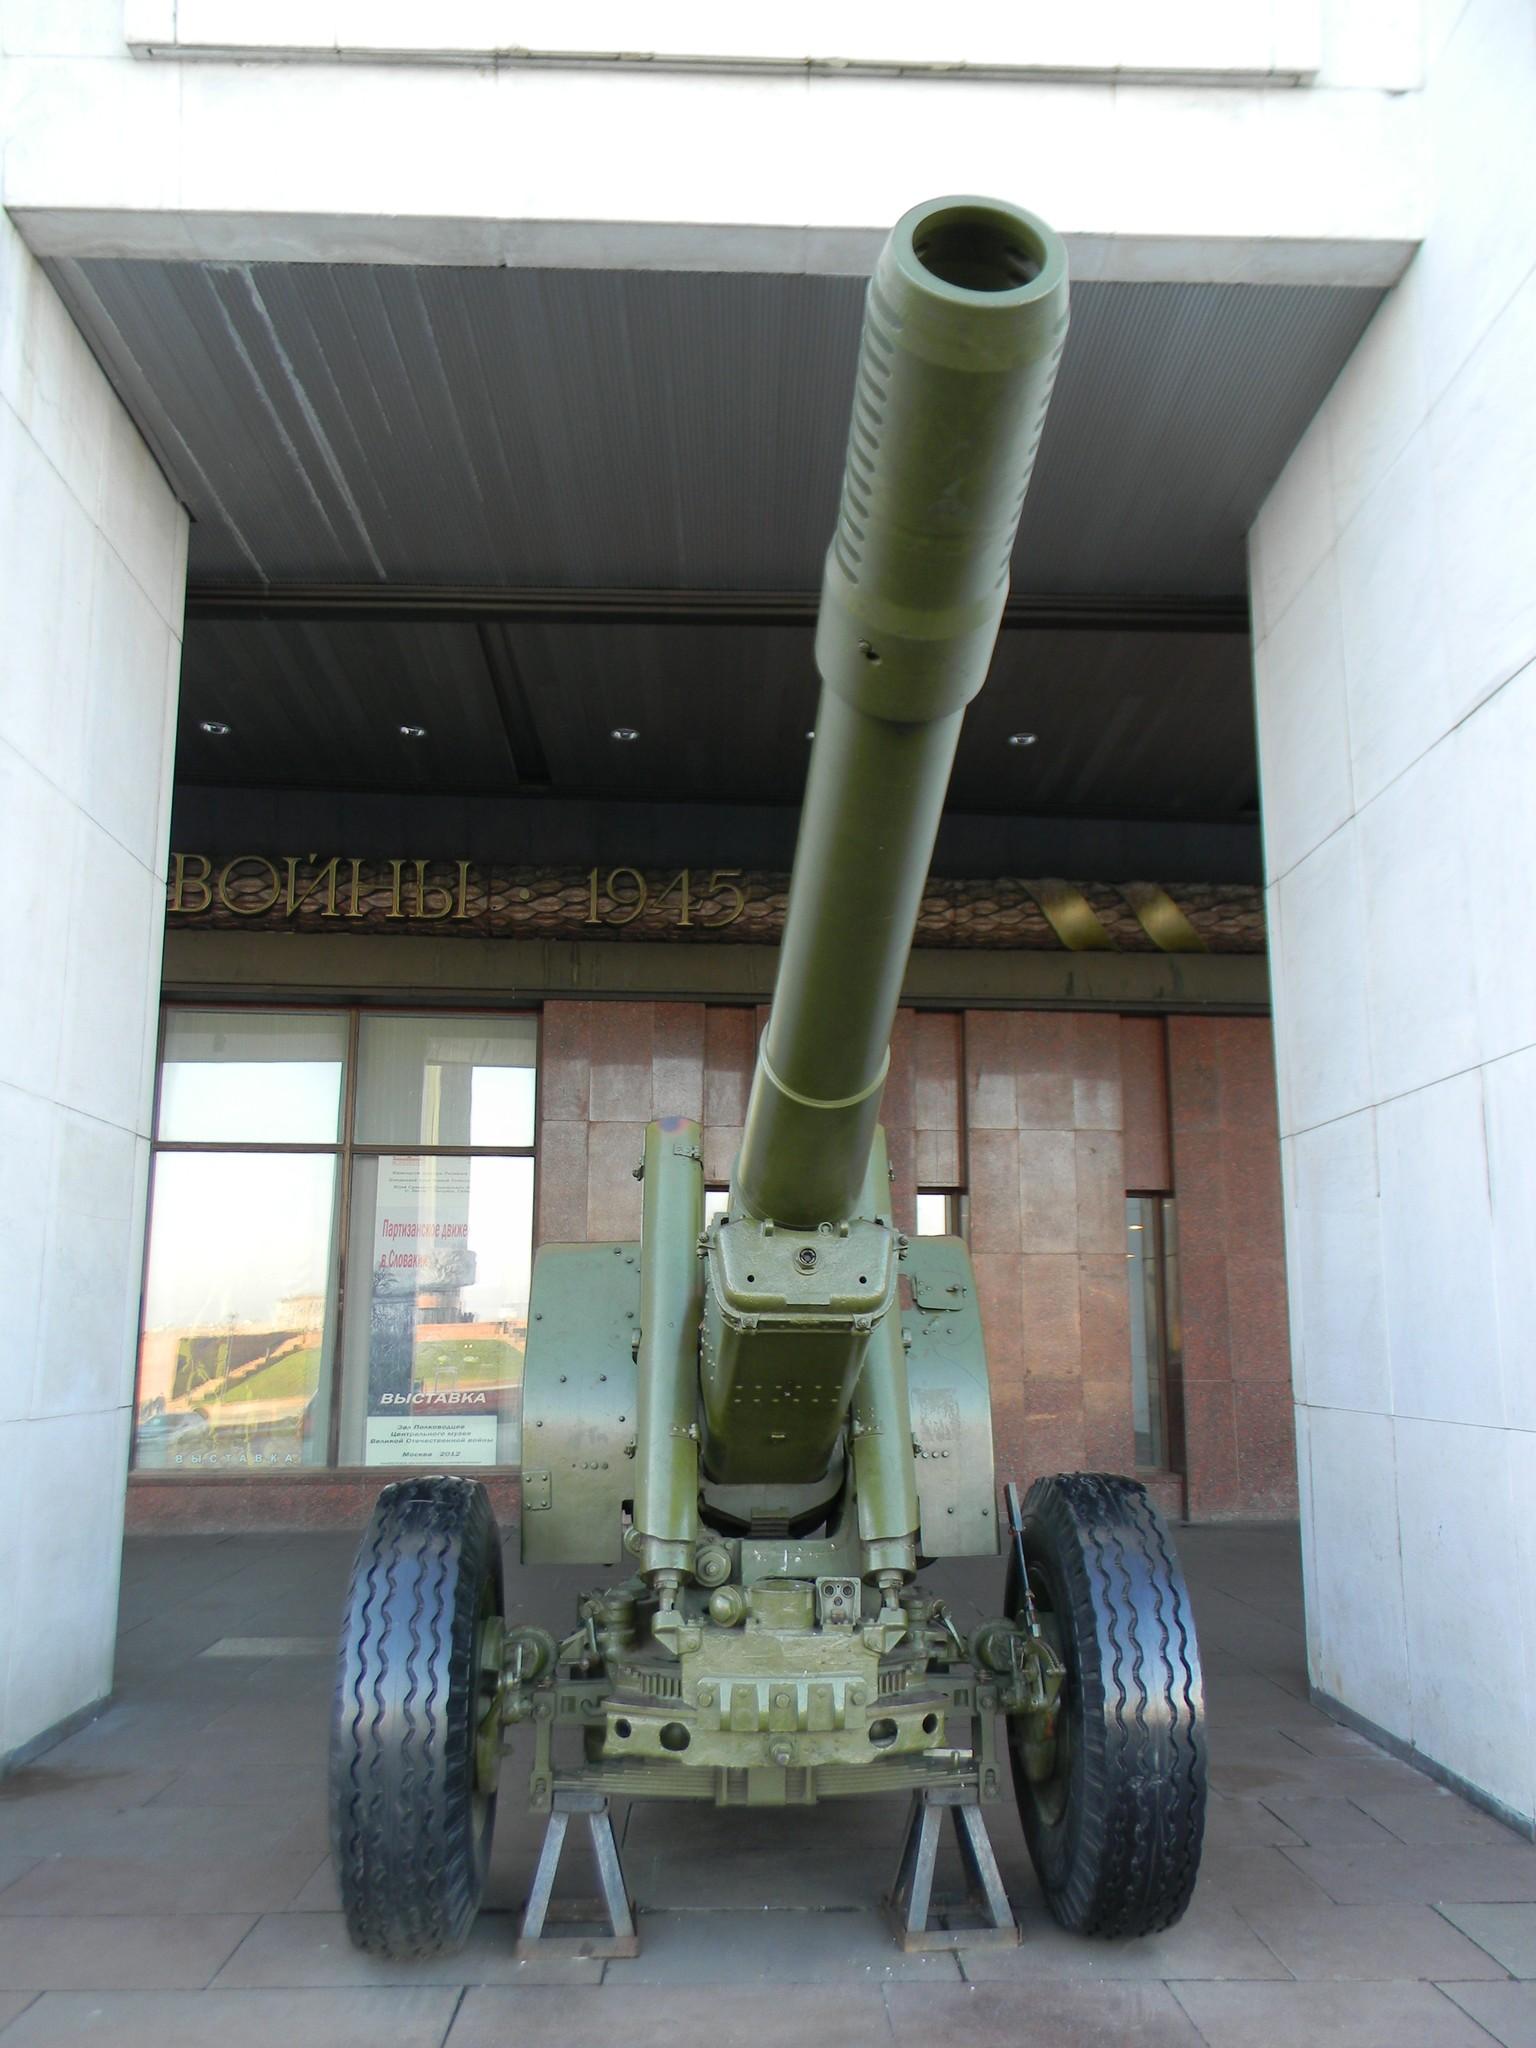 152-мм гаубица-пушка образца 1937 года МЛ-20 (Музей Победы)